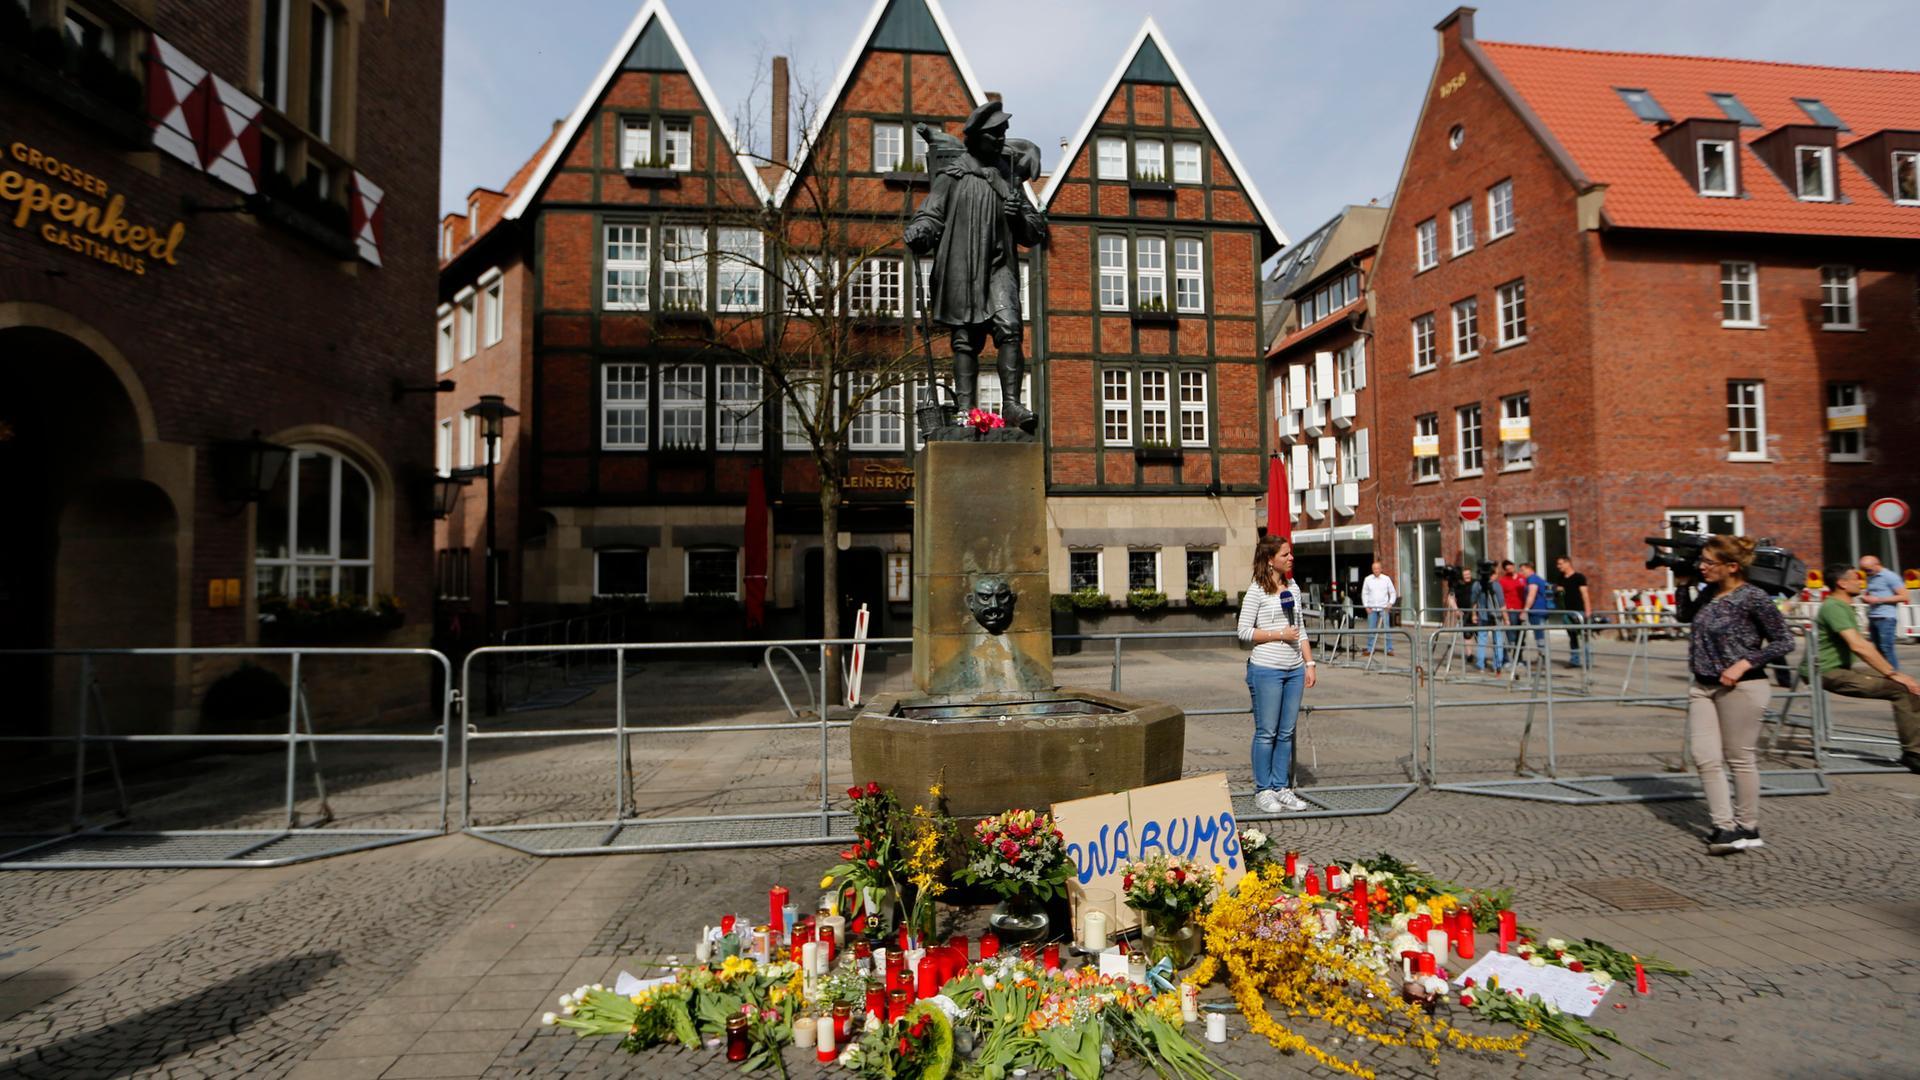 Vụ đâm xe tại Münster (Đức): Chưa ghi nhận có nạn nhân người Việt